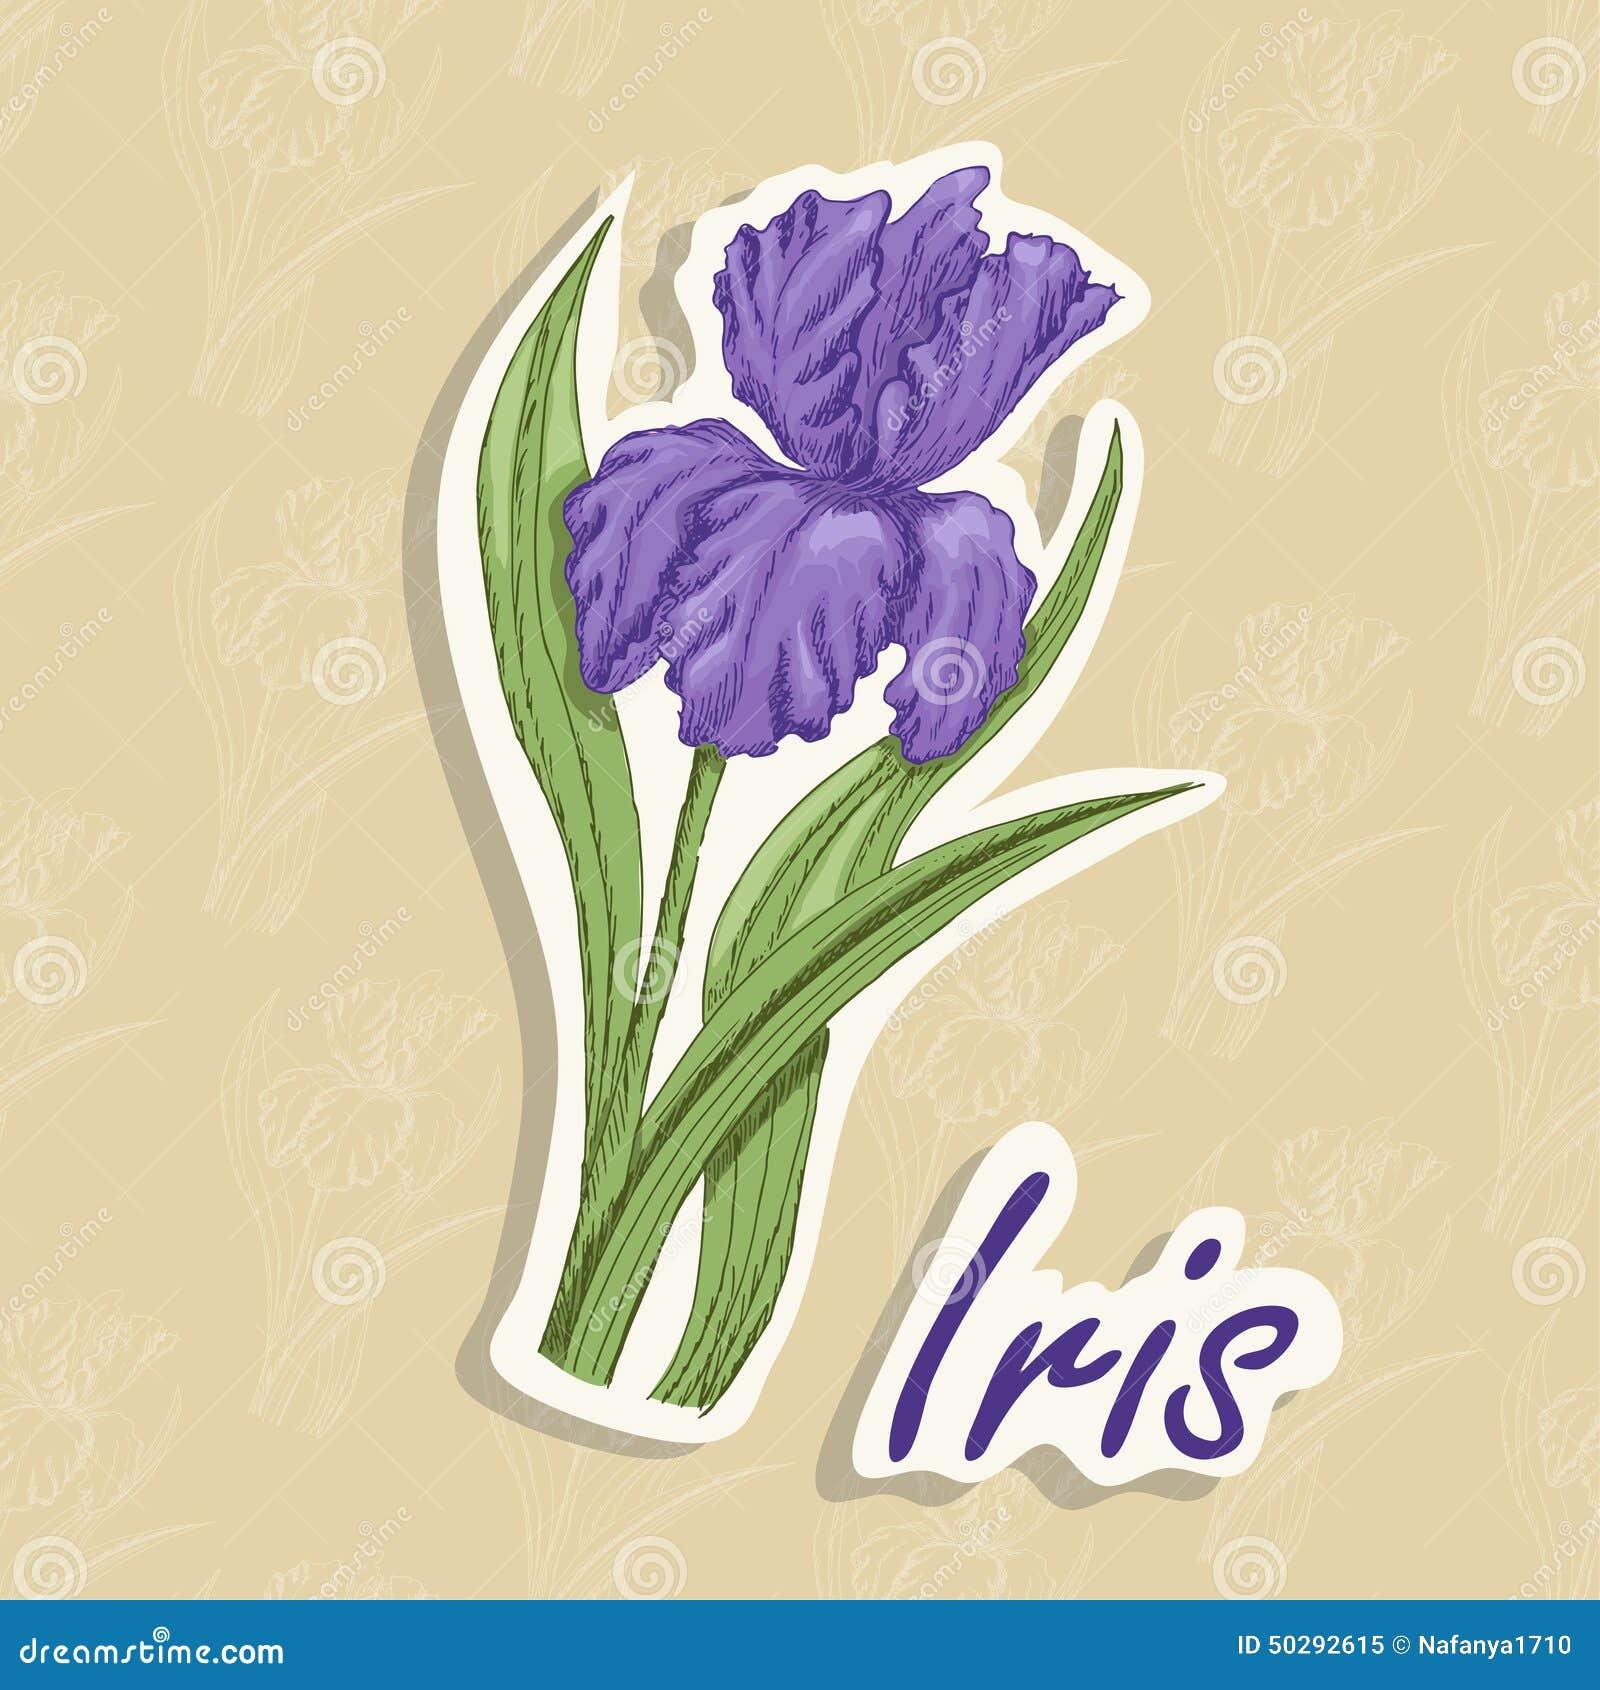 Fond de vecteur avec une fleur illustration de dessin de - Une fleur dessin ...